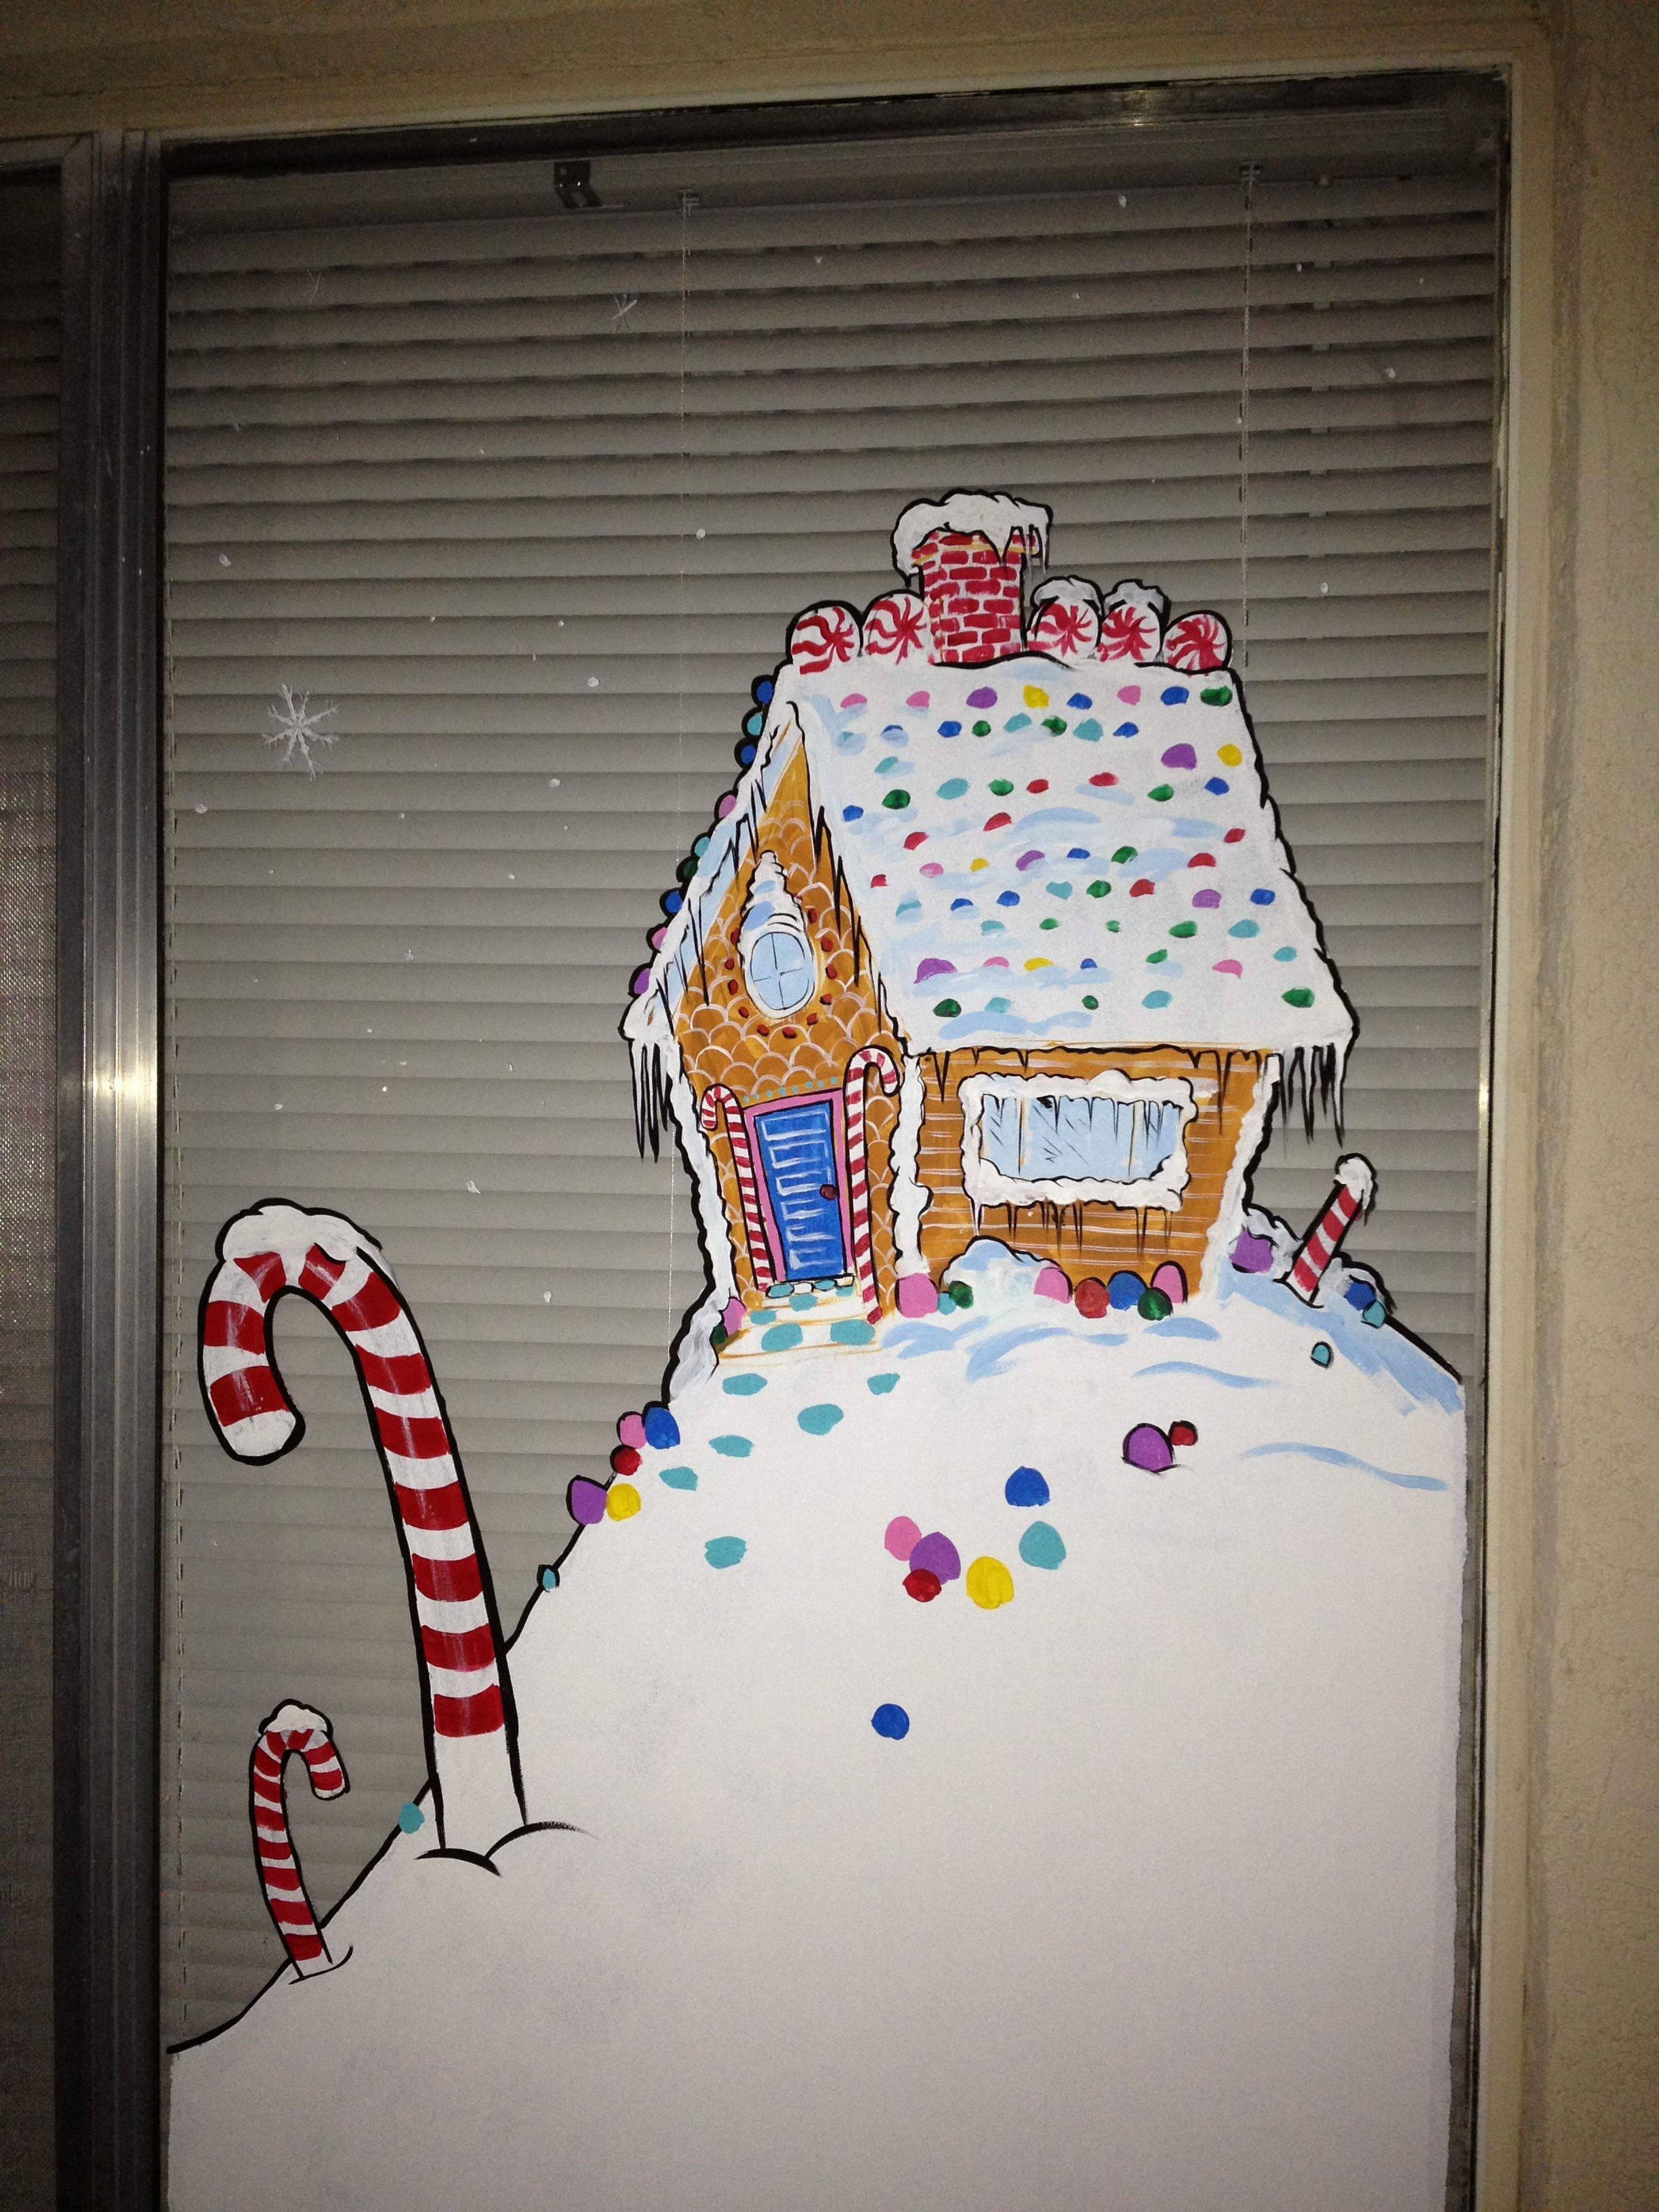 Window Painting By Artist Daniel Langhans